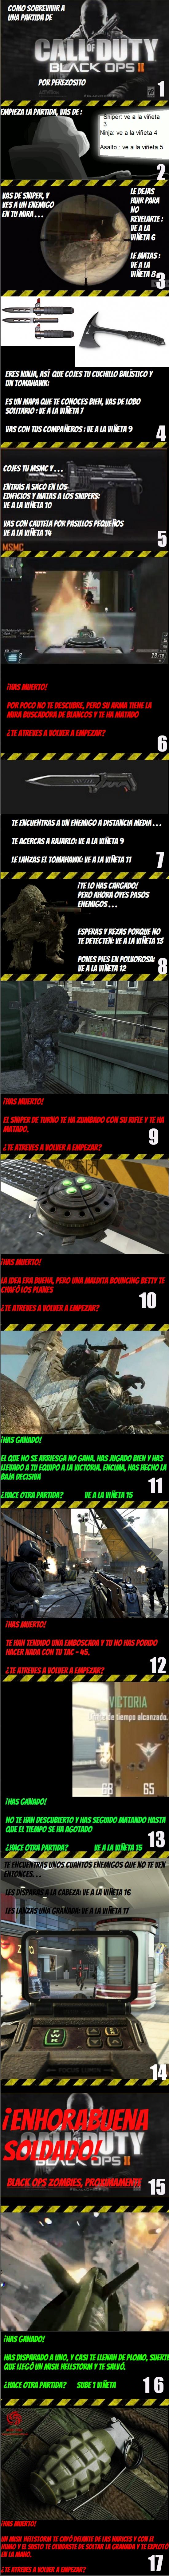 Otros - Cómo ganar una partida de Black Ops II [Cómic interactivo]